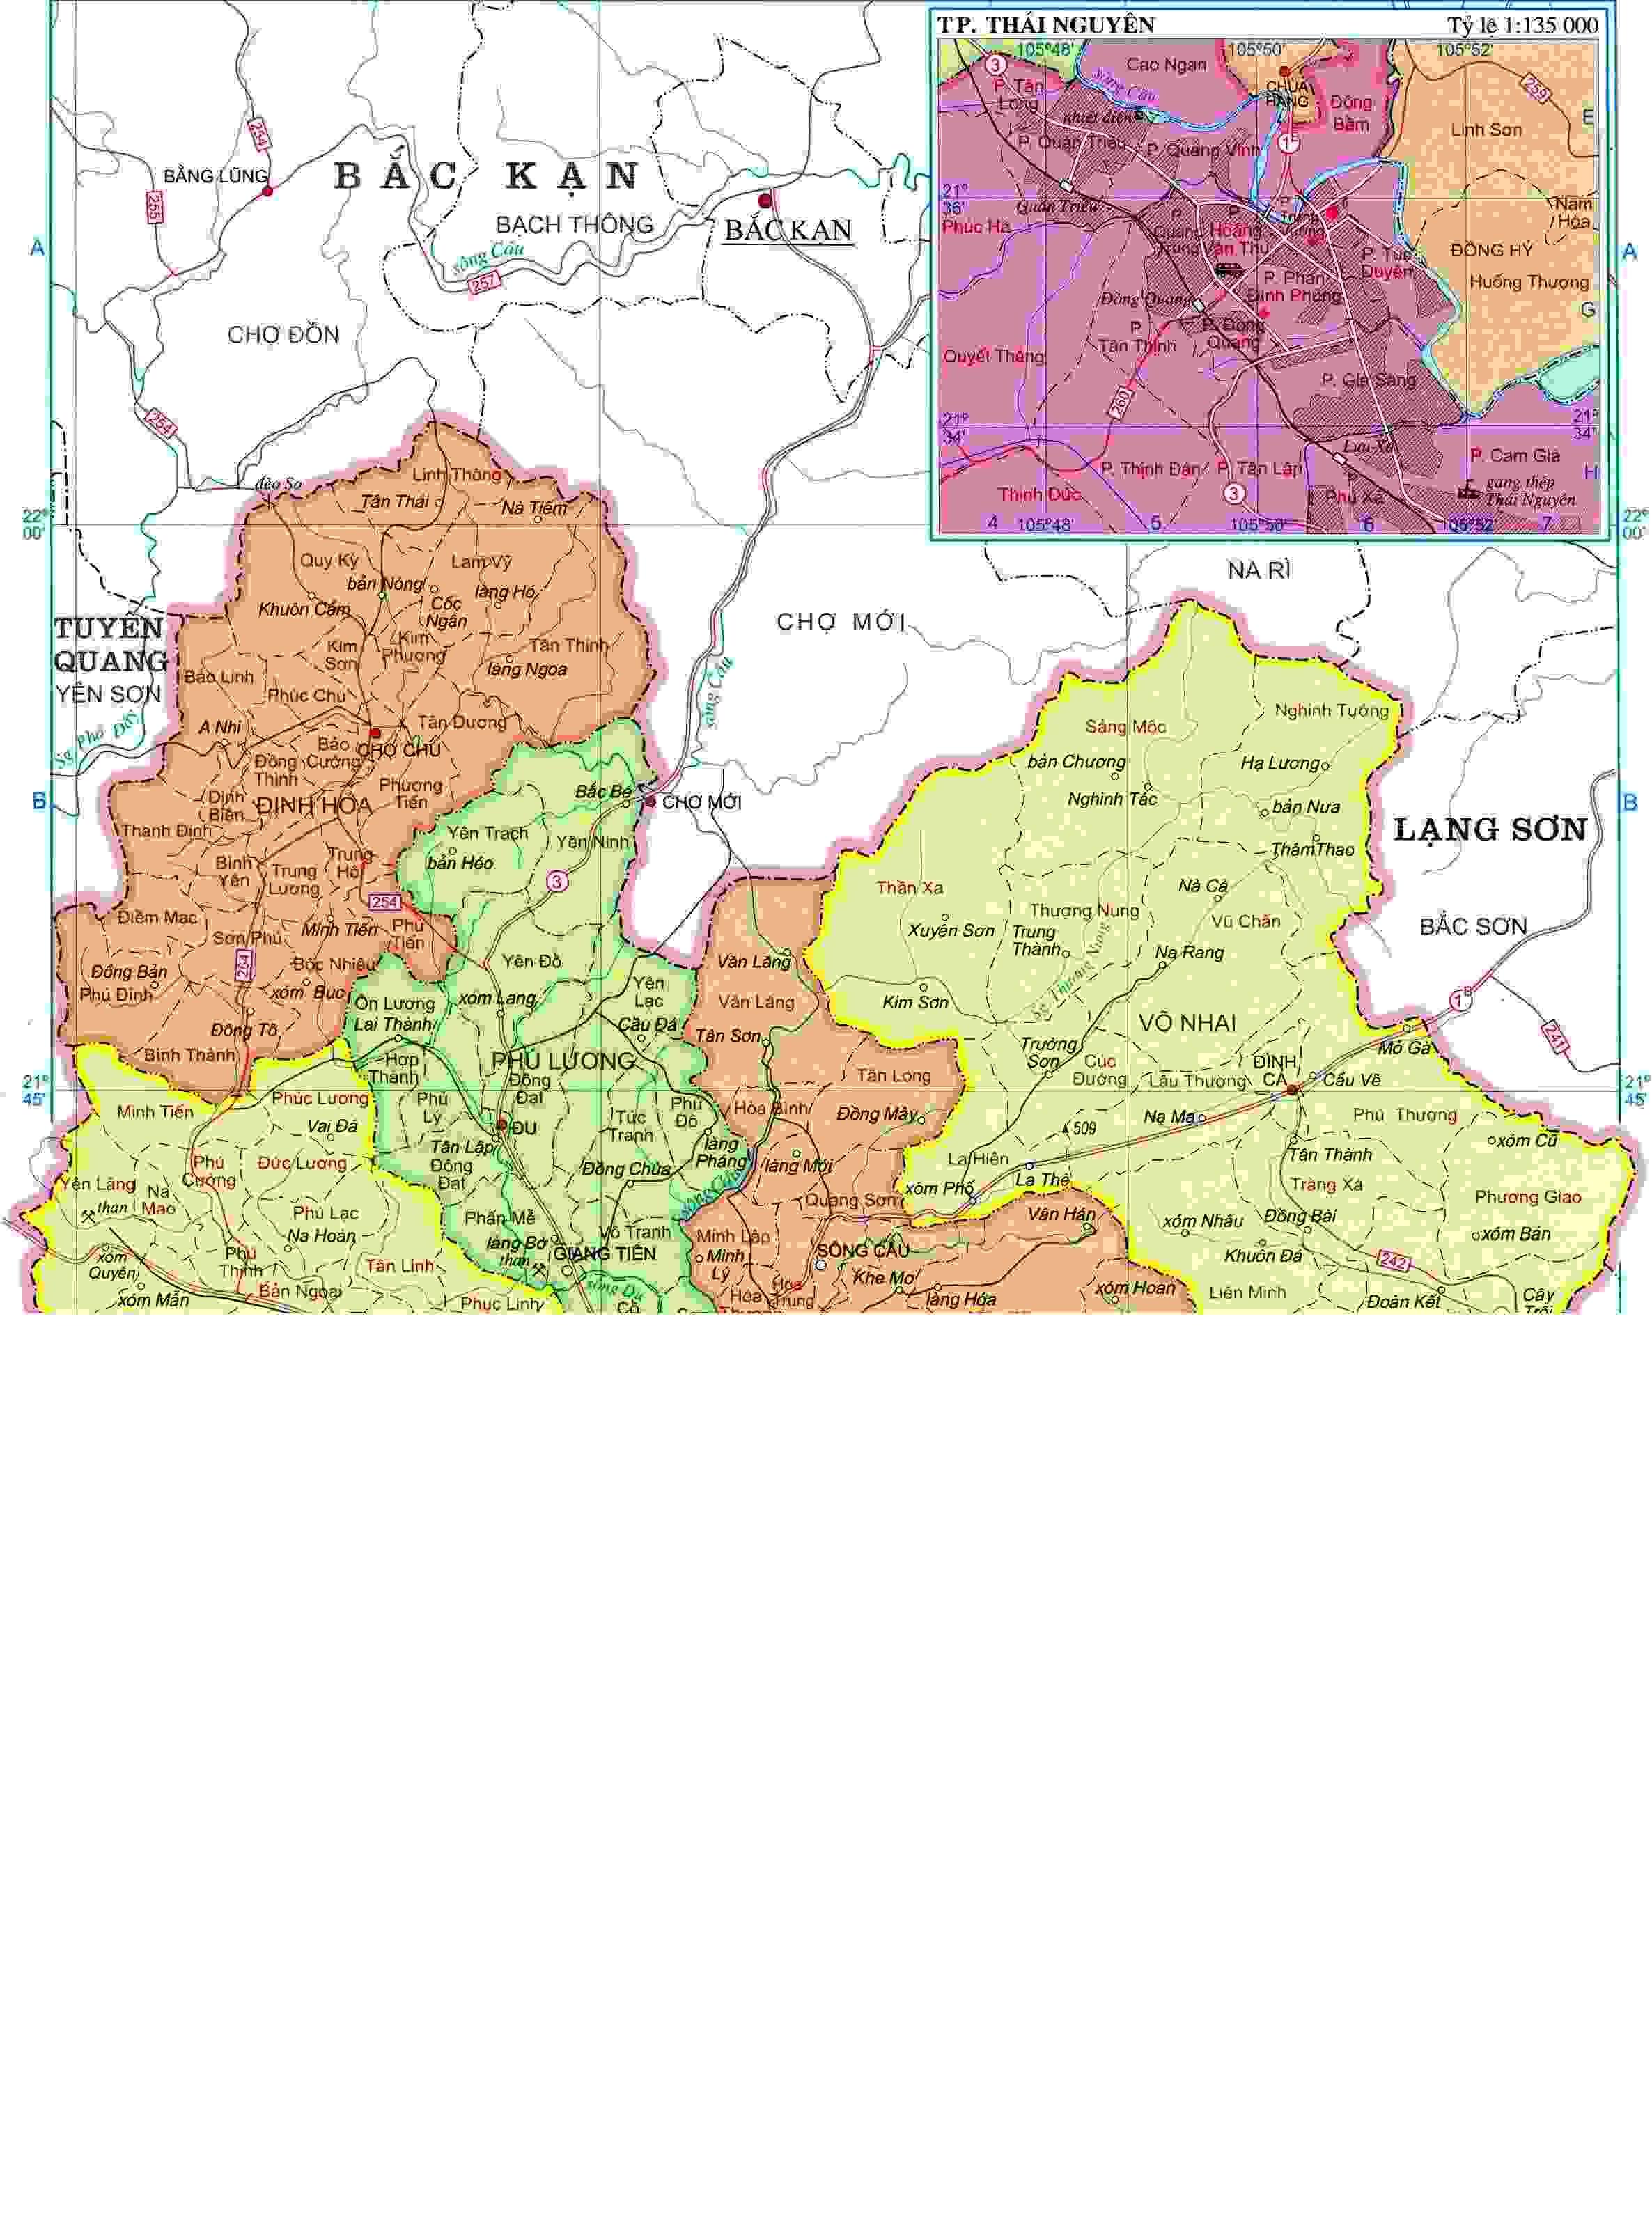 bản đồ hành chính Thái Nguyên khổ lớn